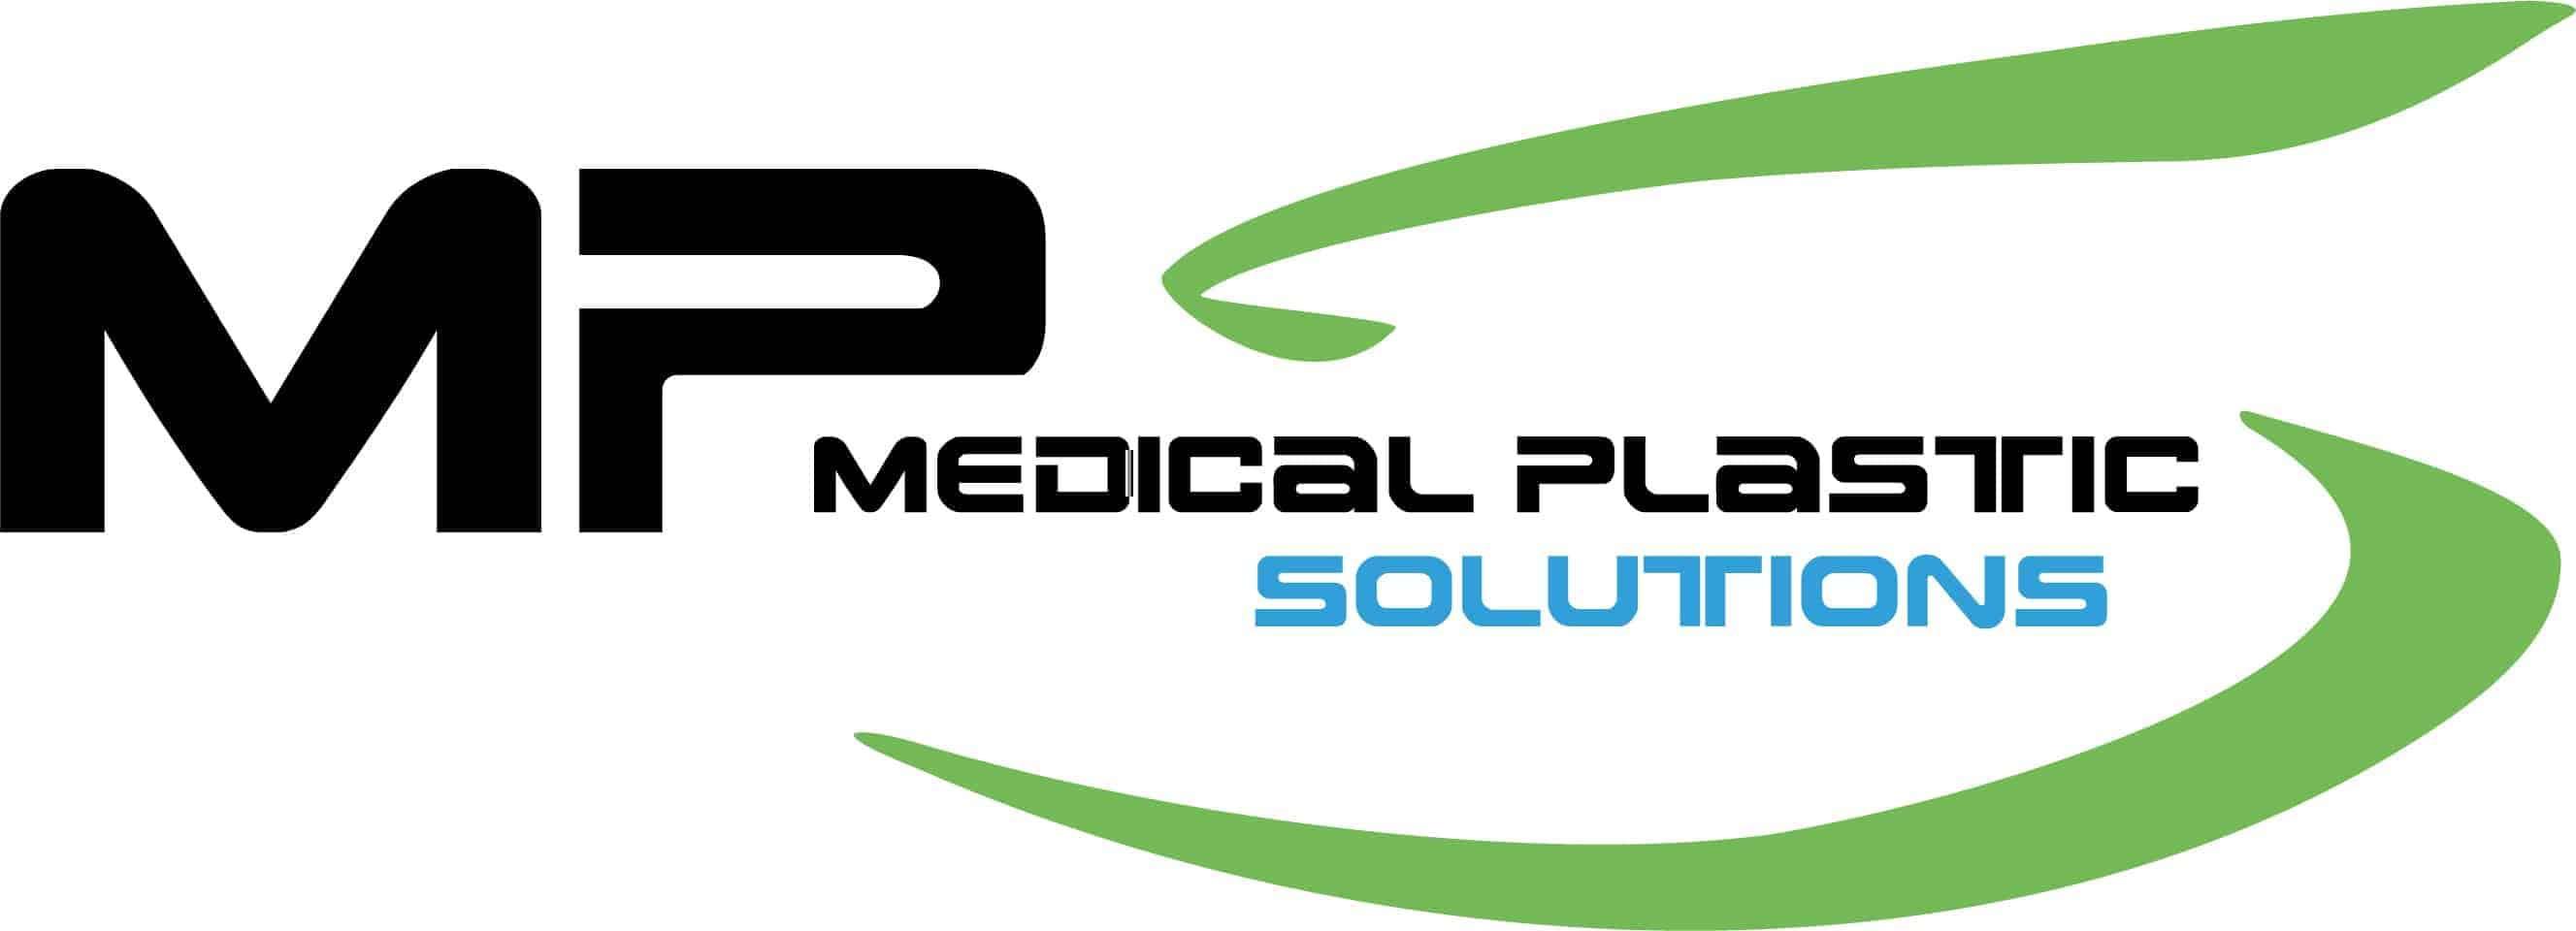 Médical Plastic Solutions, L'injection plastique pour pièces plastiques médicales, spécialiste bi-matière